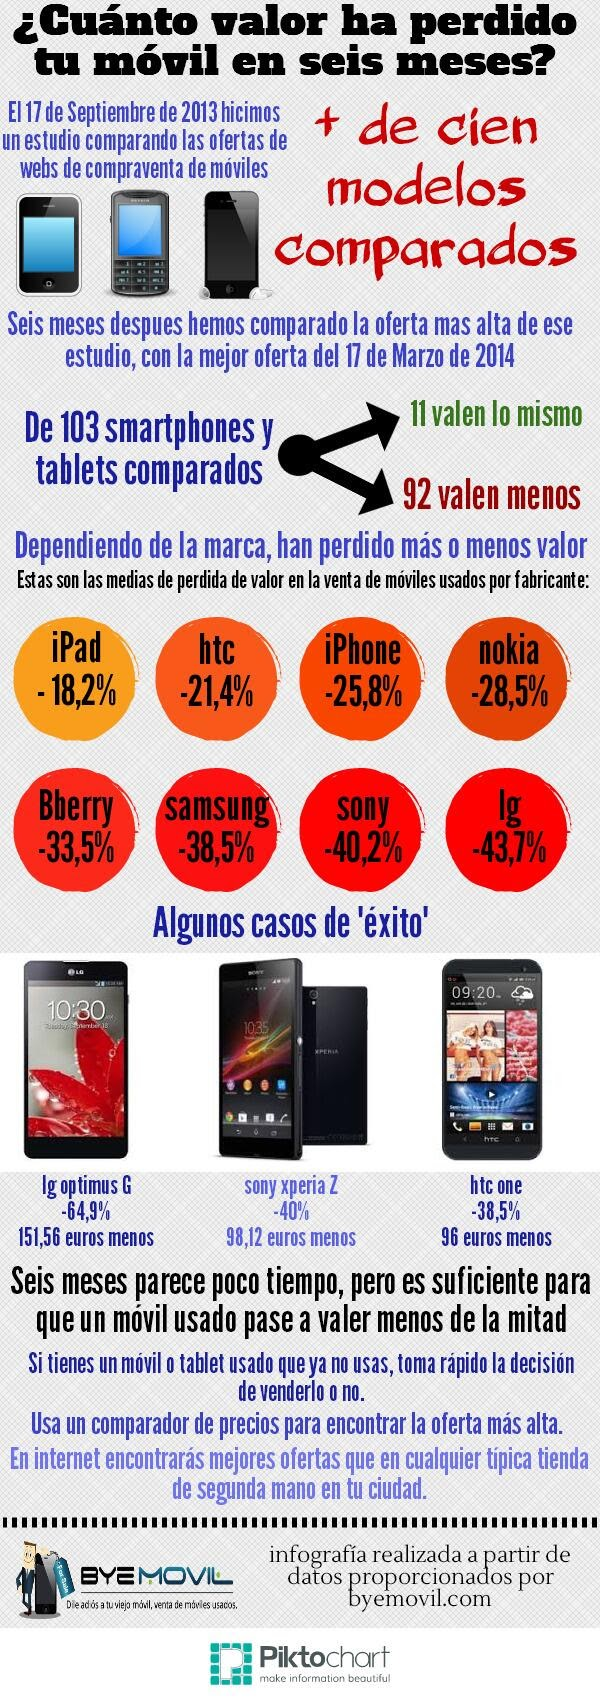 ¿Cuánto valor ha perdido tu móvil en seis meses? (Infografía)